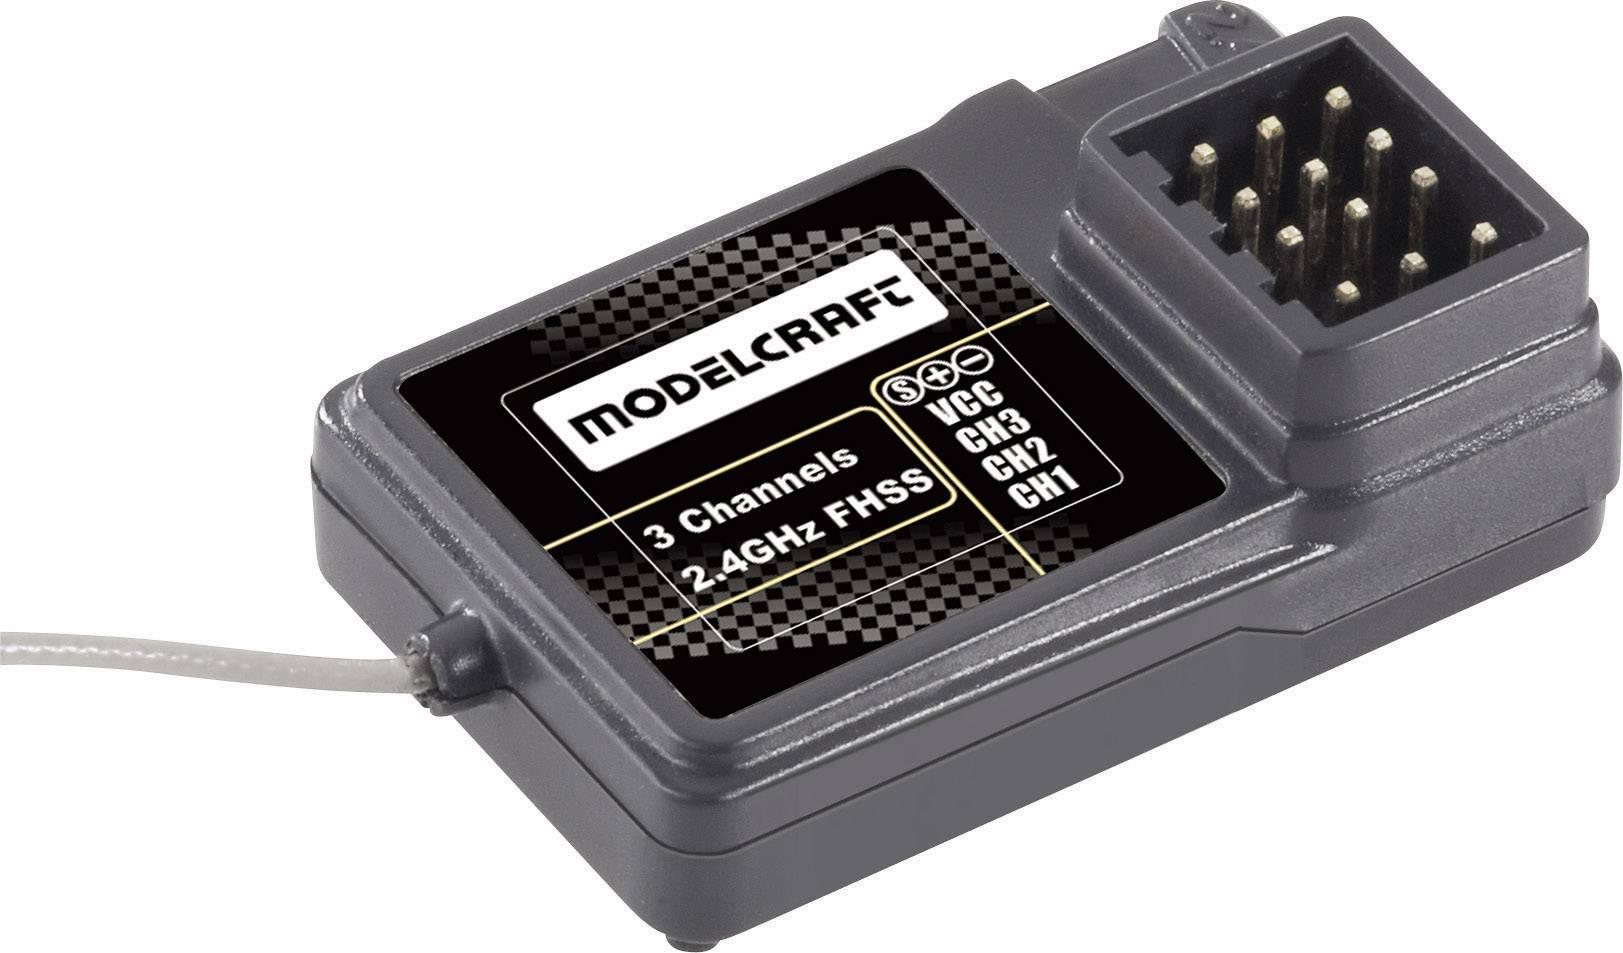 Přijímač Modelcraft FS-GR3C, 2,4 GHz, 3 kanály, JR/Futaba